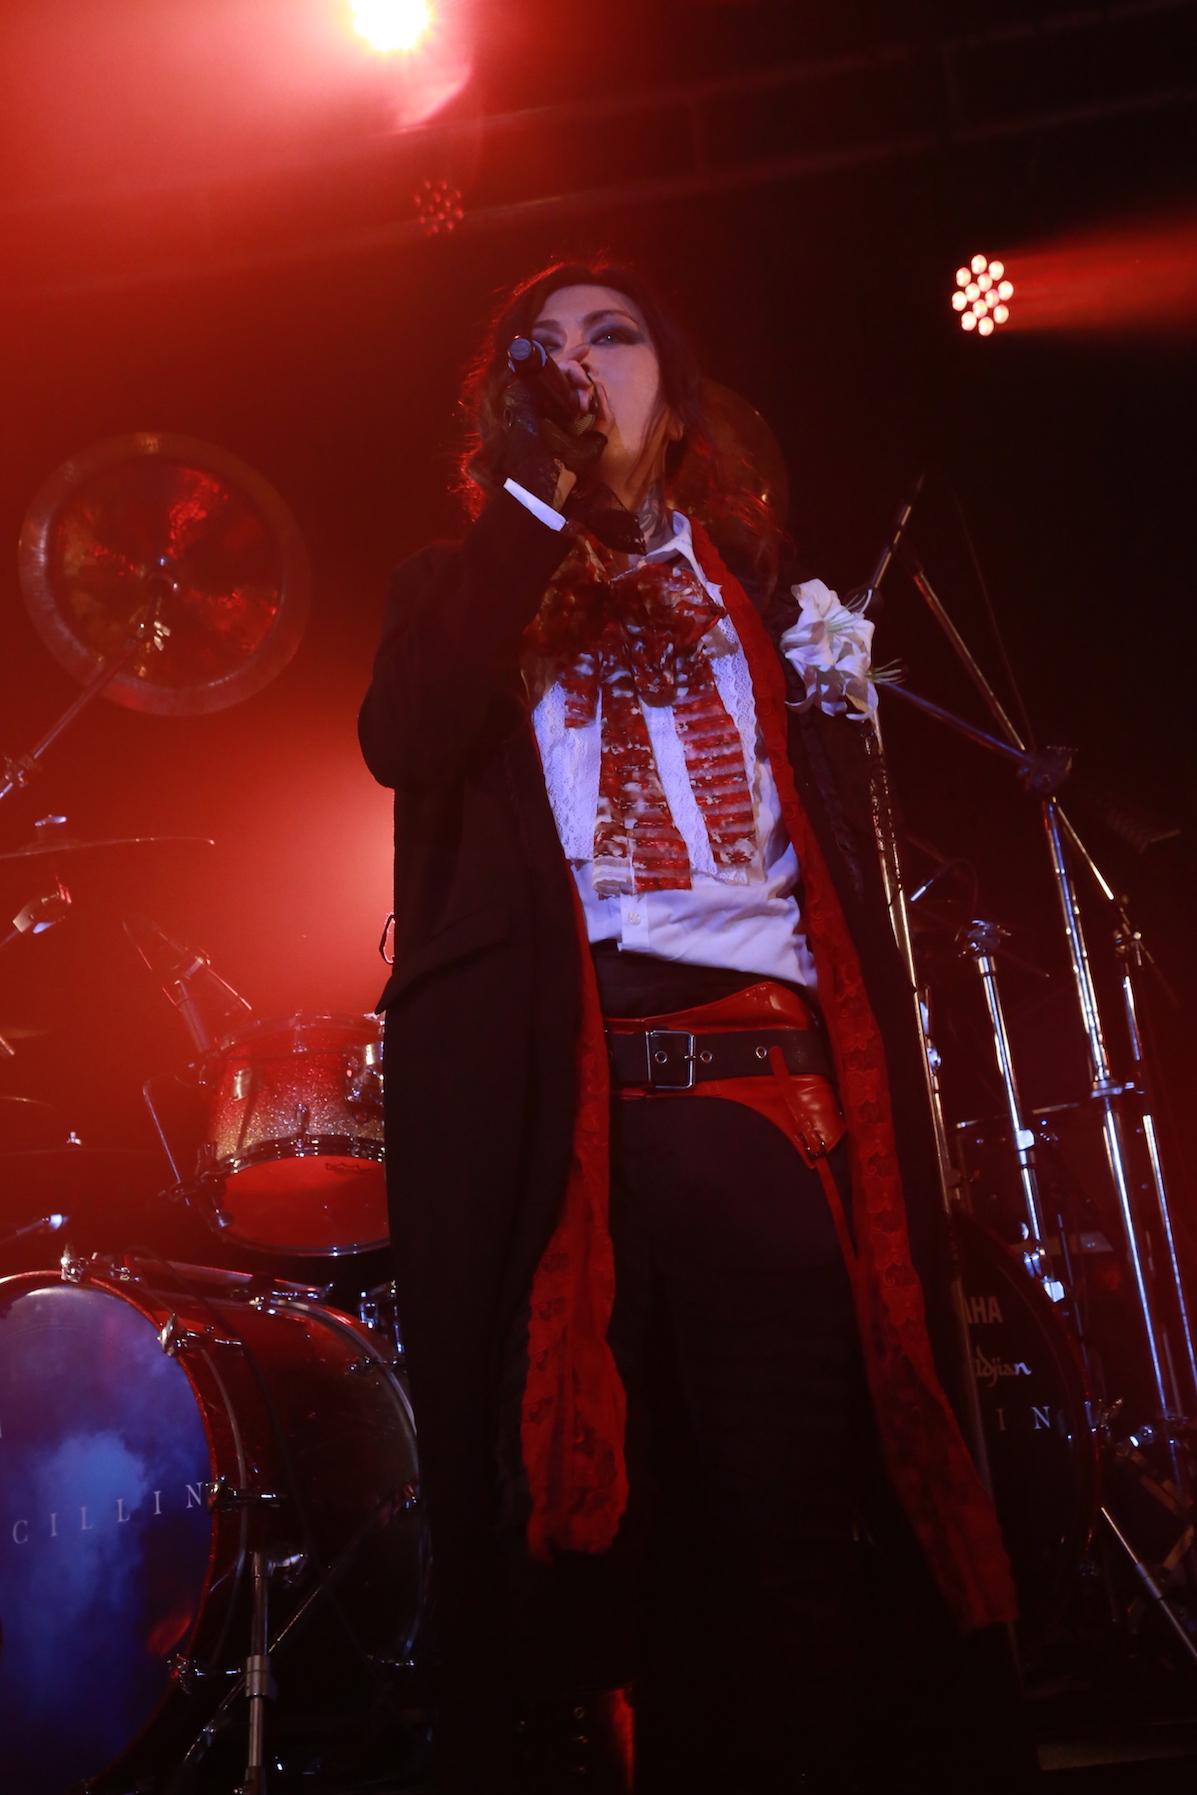 2月11日@新宿ReNY photo by 加藤正憲